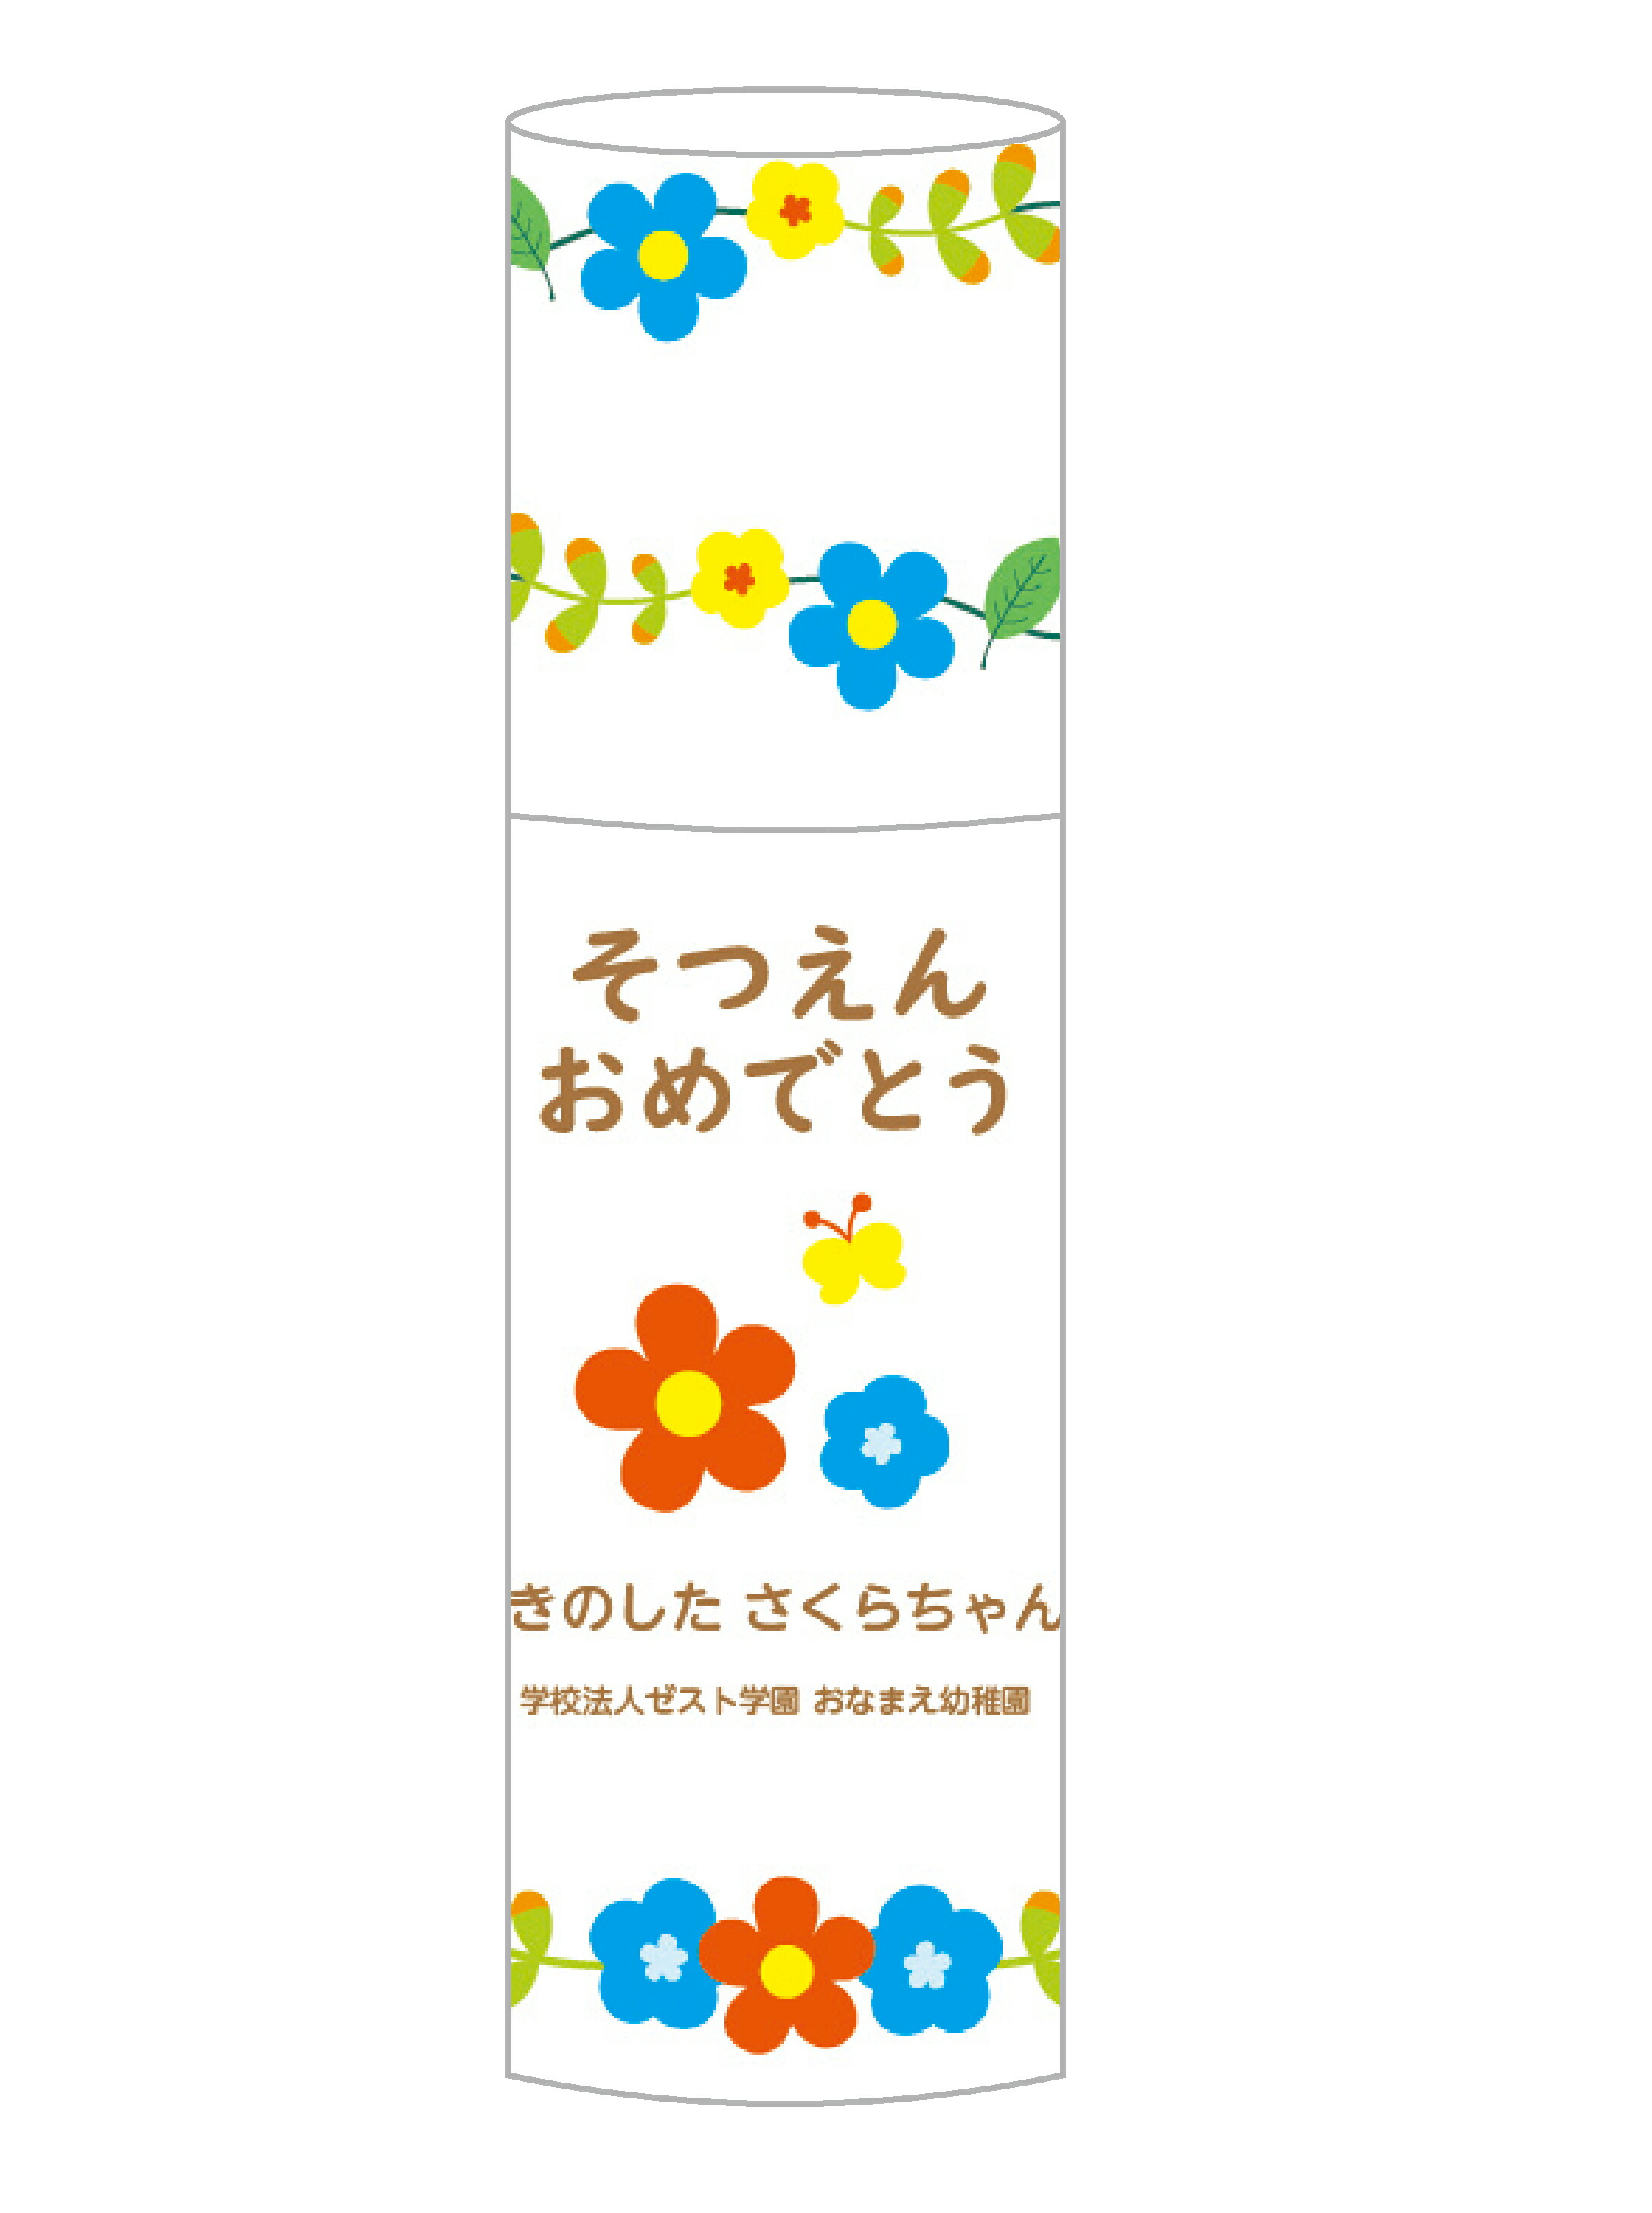 07デザイン_そつえんおめでとう